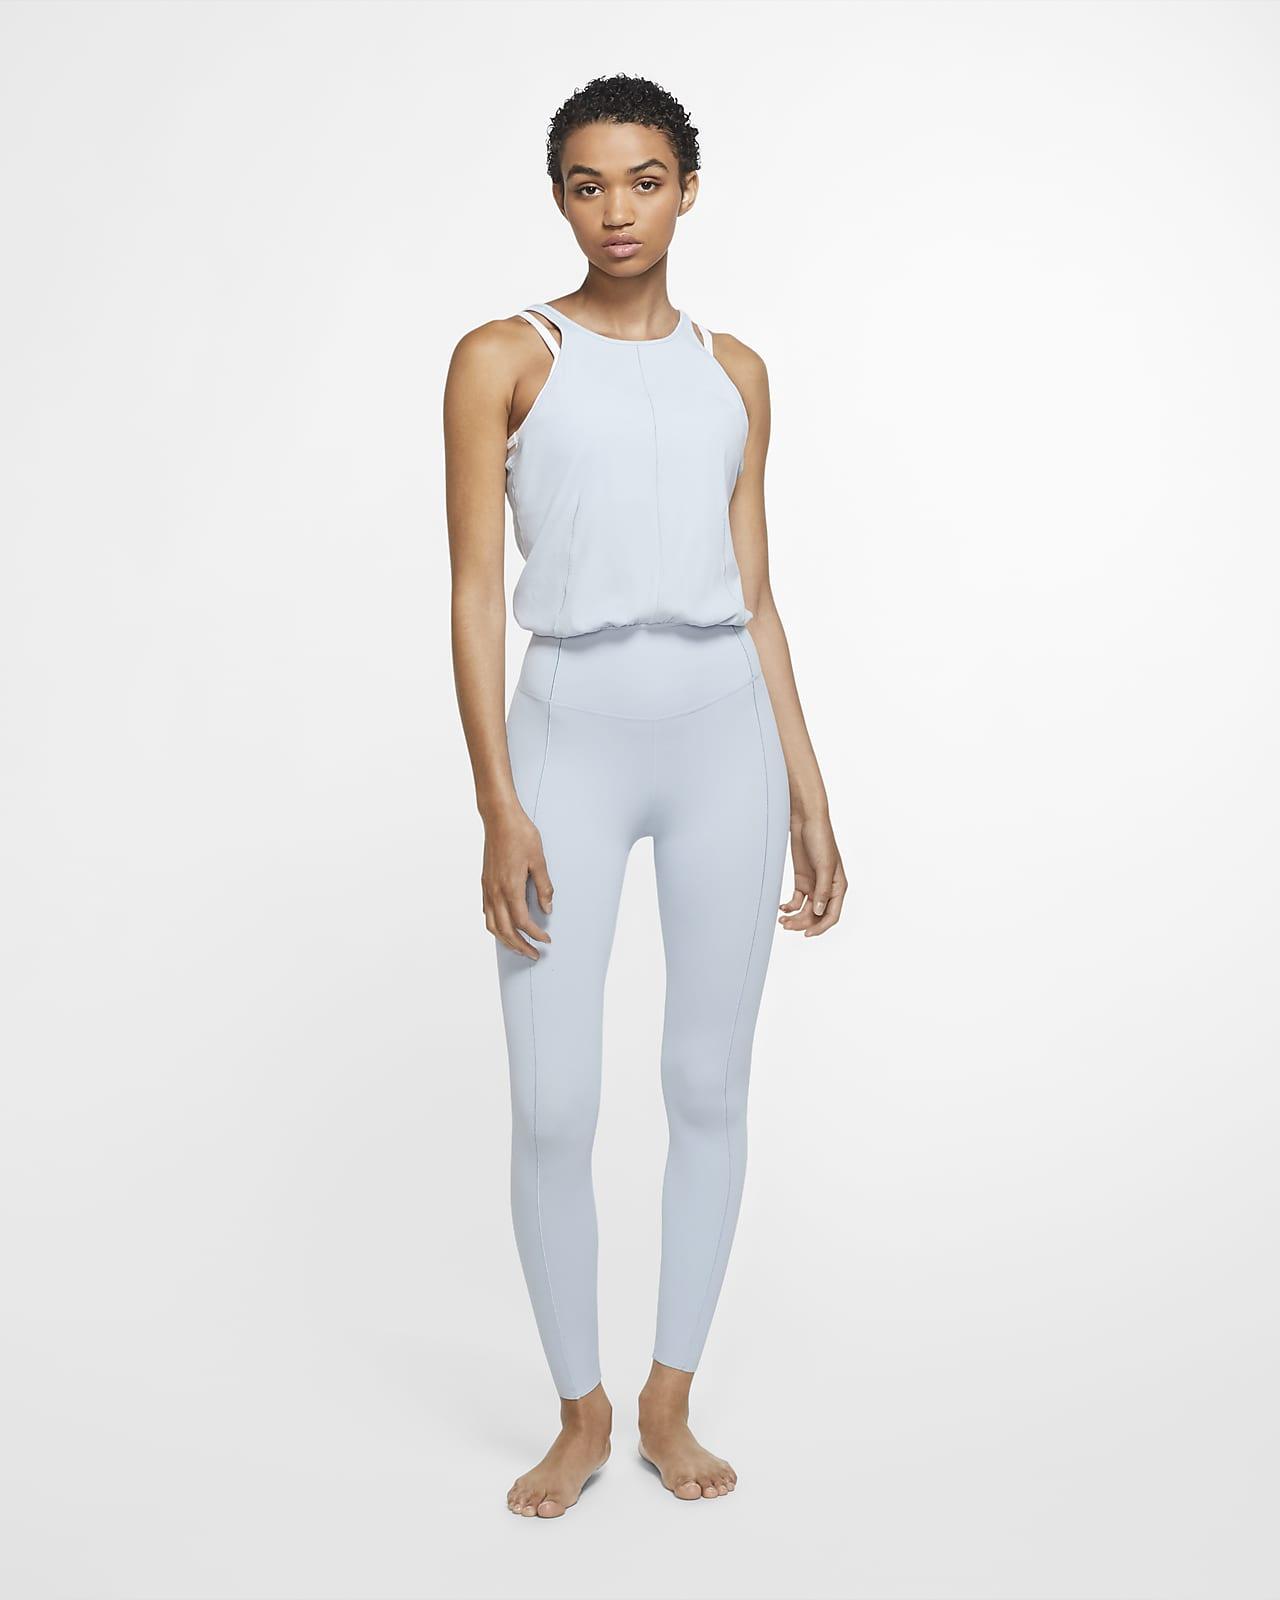 Nike Yoga 女子连体衣